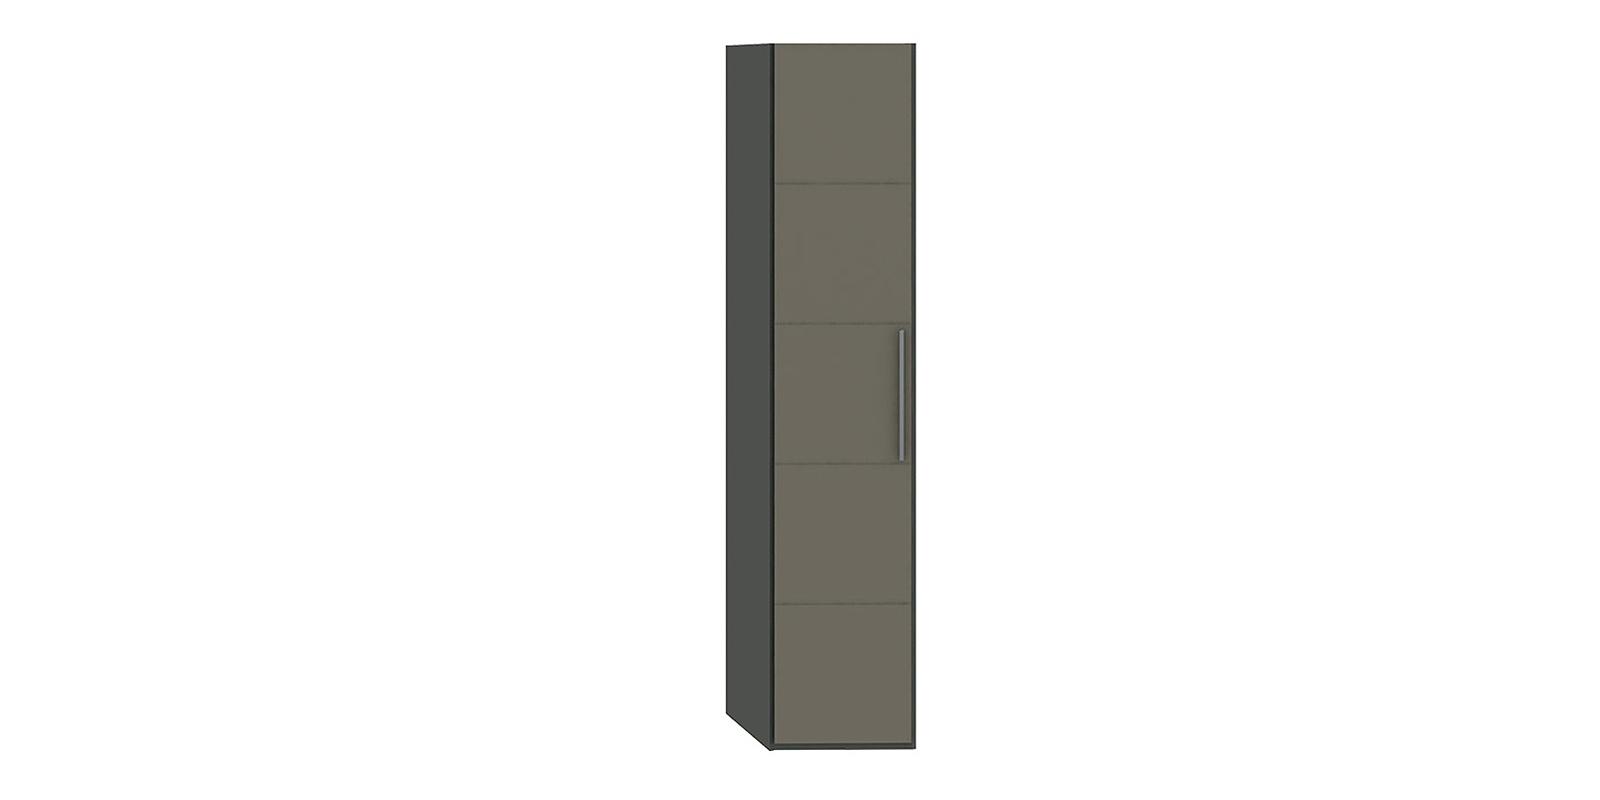 Шкаф распашной однодверный Сорренто торцевой вариант №1 (темно-серый/серый) Сорренто